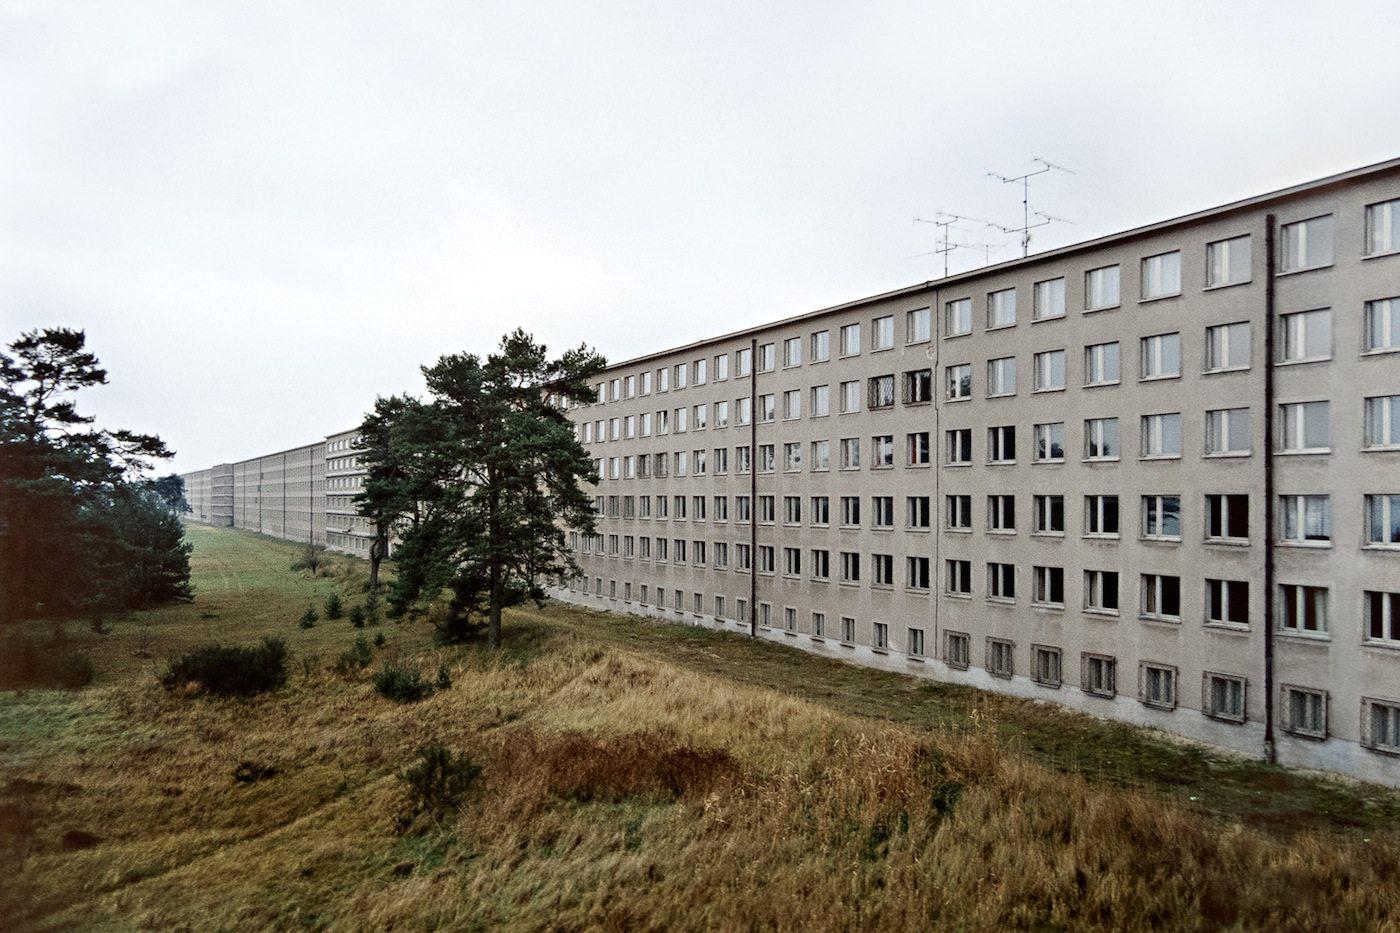 """Ferienheim in Prora.  Bettenhäuser des """"Kraft-durch-Freude""""-Seebades Prora auf Rügen"""